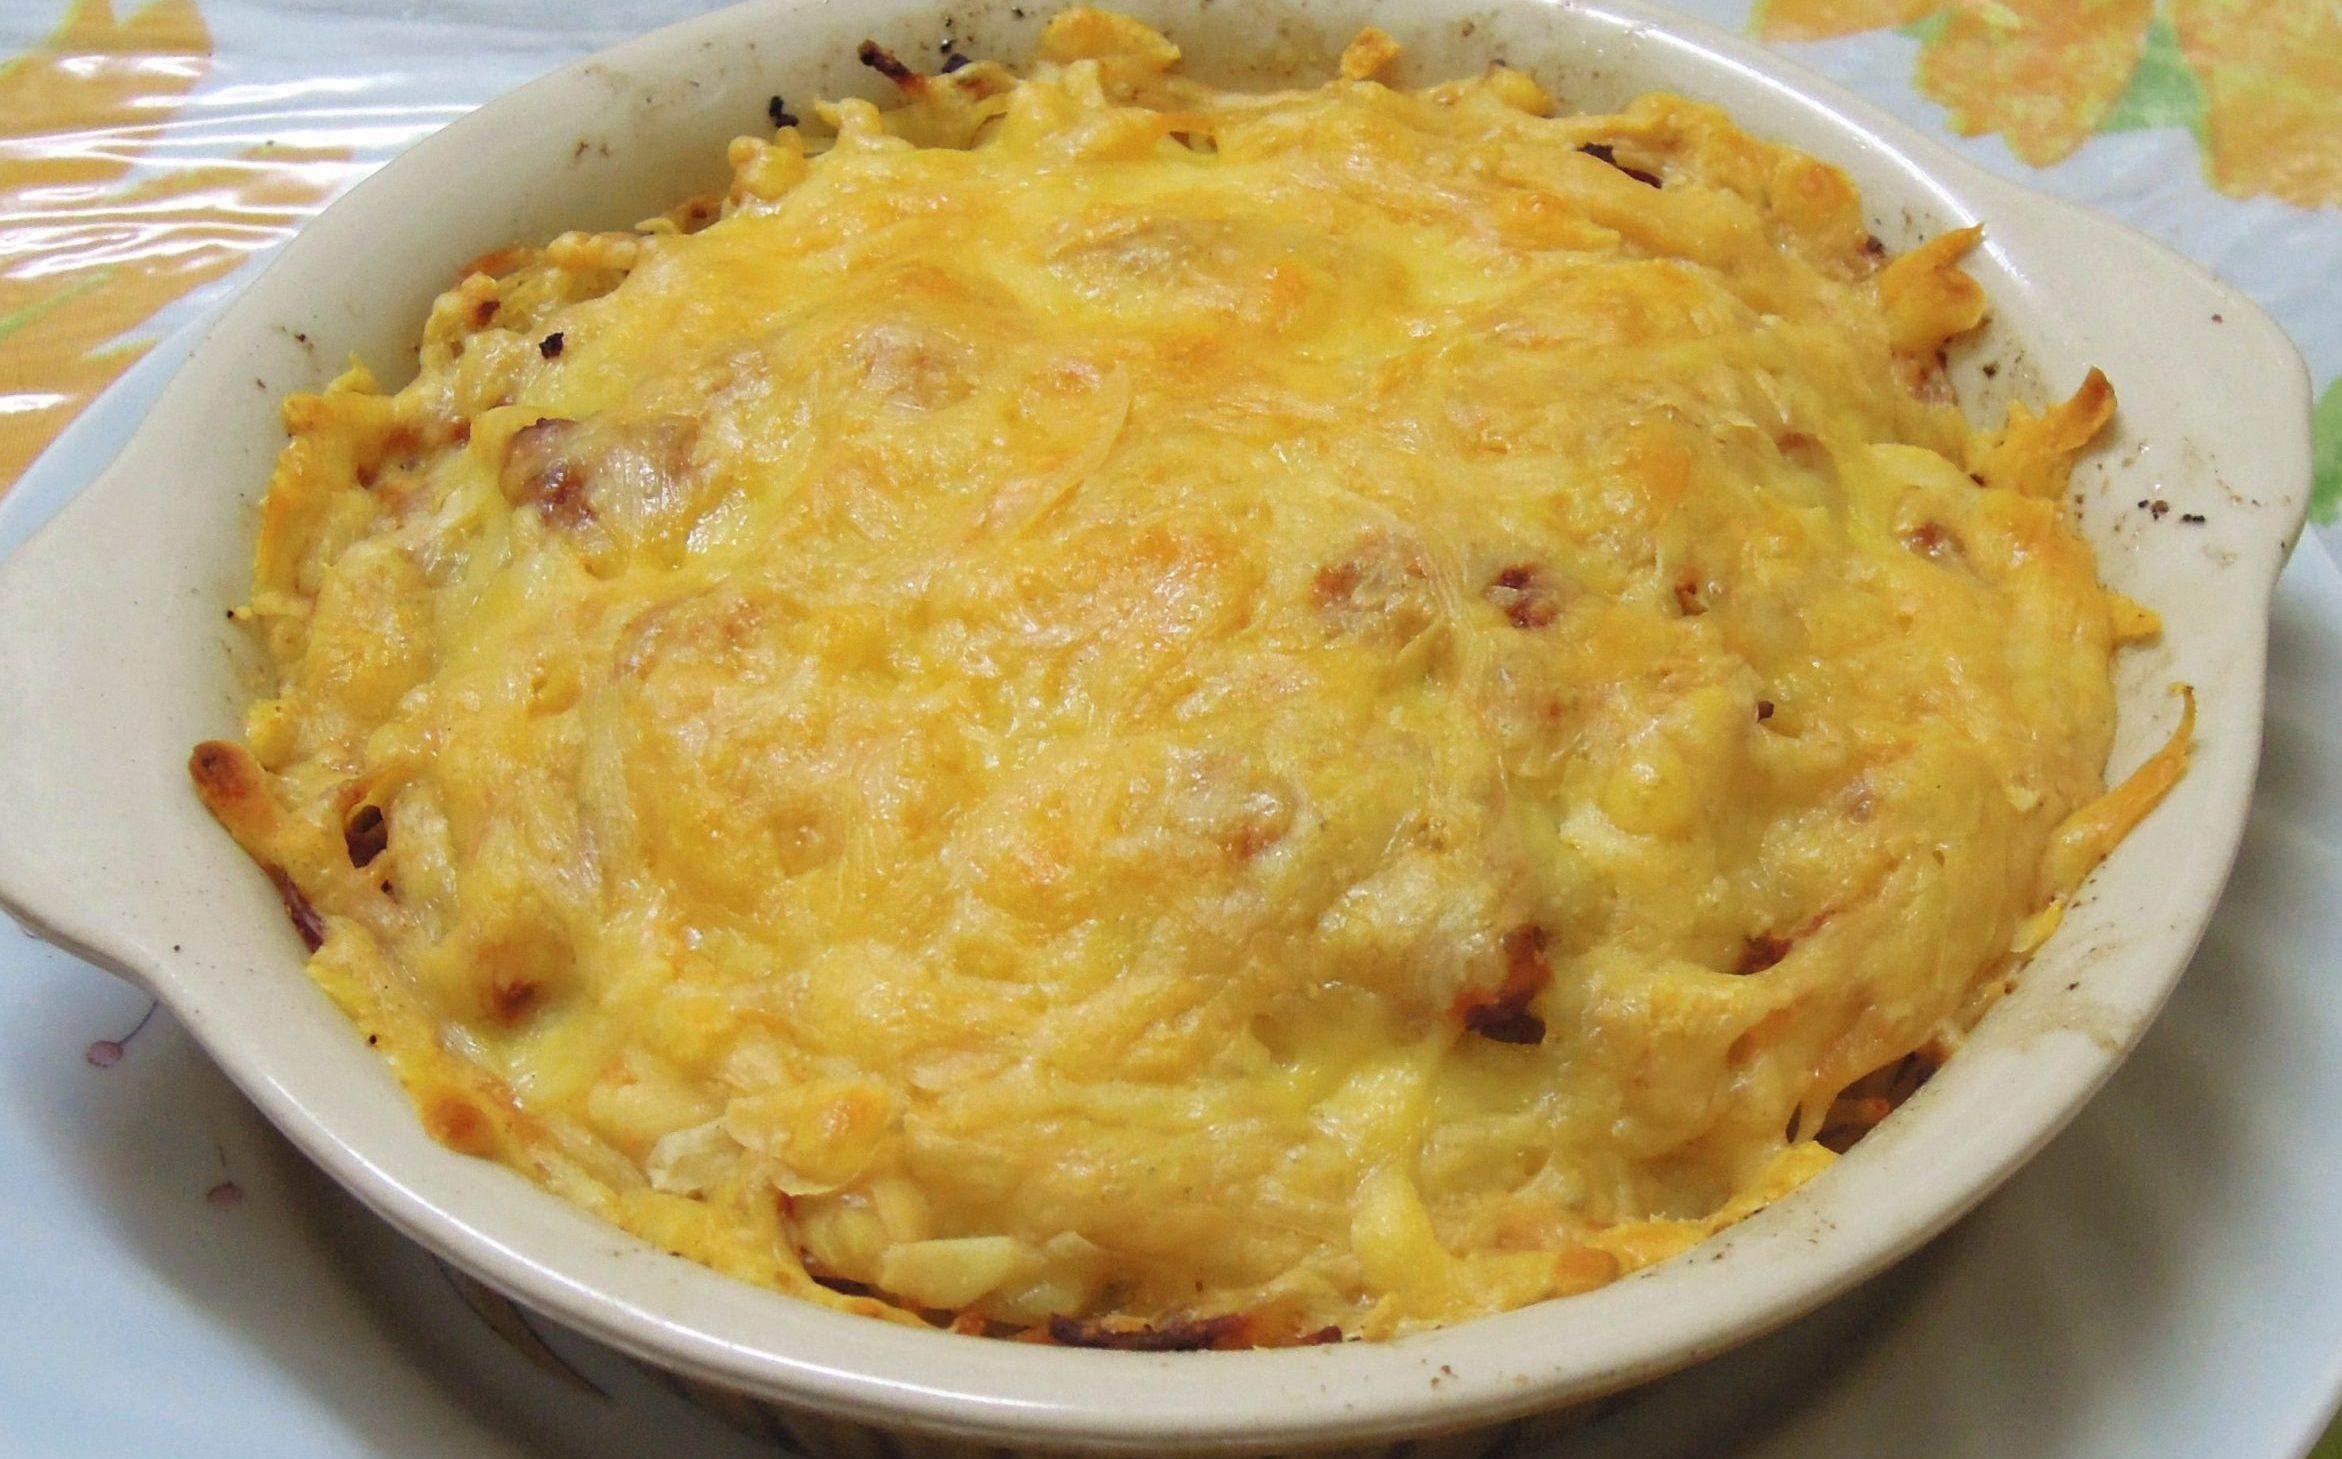 Μακαρόνια φούρνου στο πήλινο με κιμά και λιωμένο τυρί βήμα βήμα